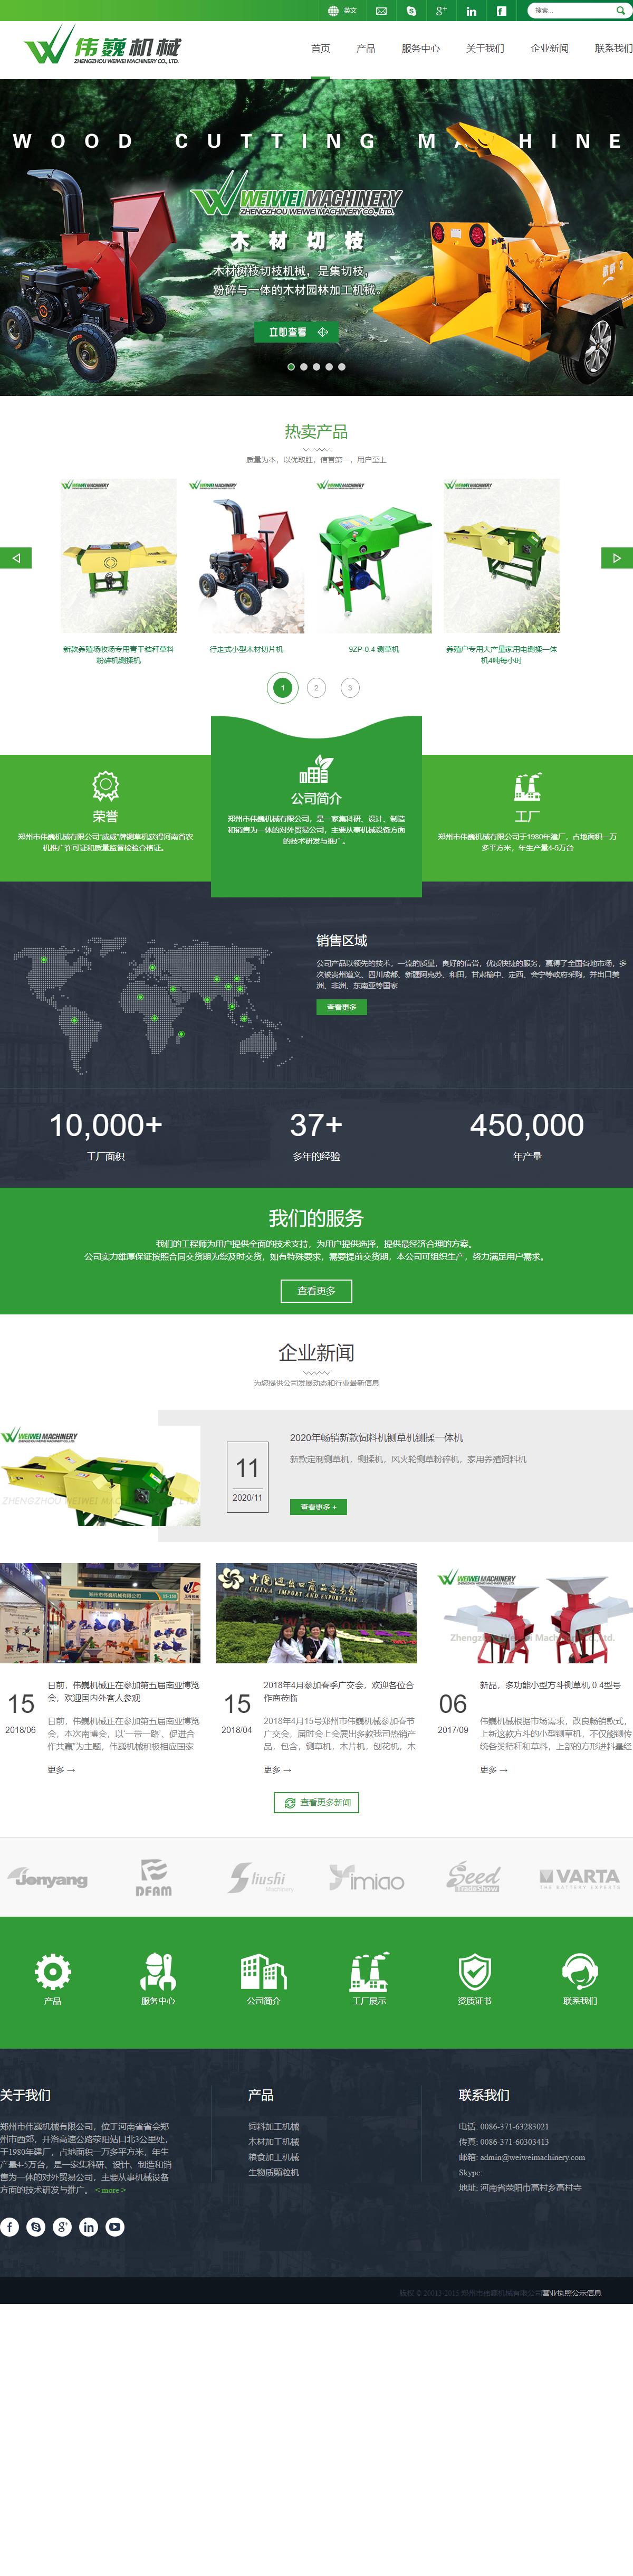 郑州市伟巍机械有限公司网站案例